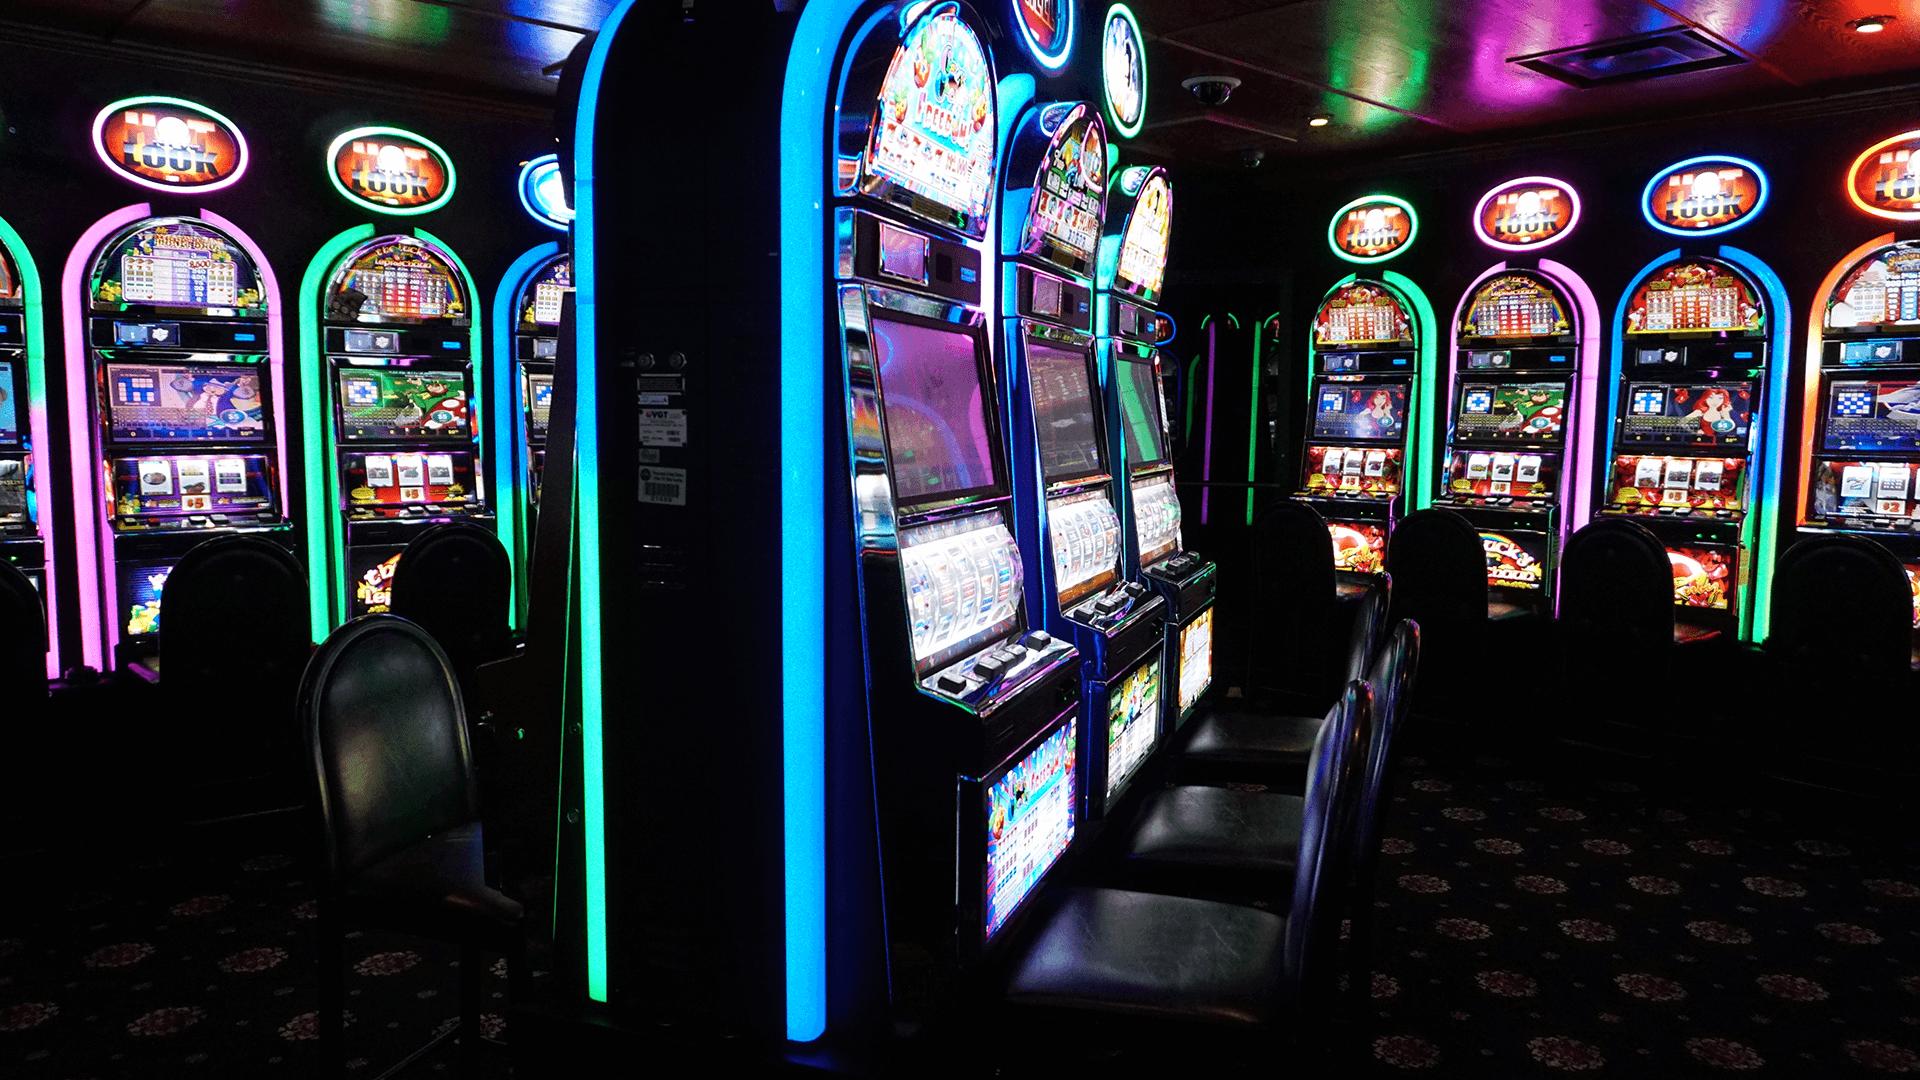 Казино драйв бесплатно без регистрации играть покер онлайн 888 играть бесплатно